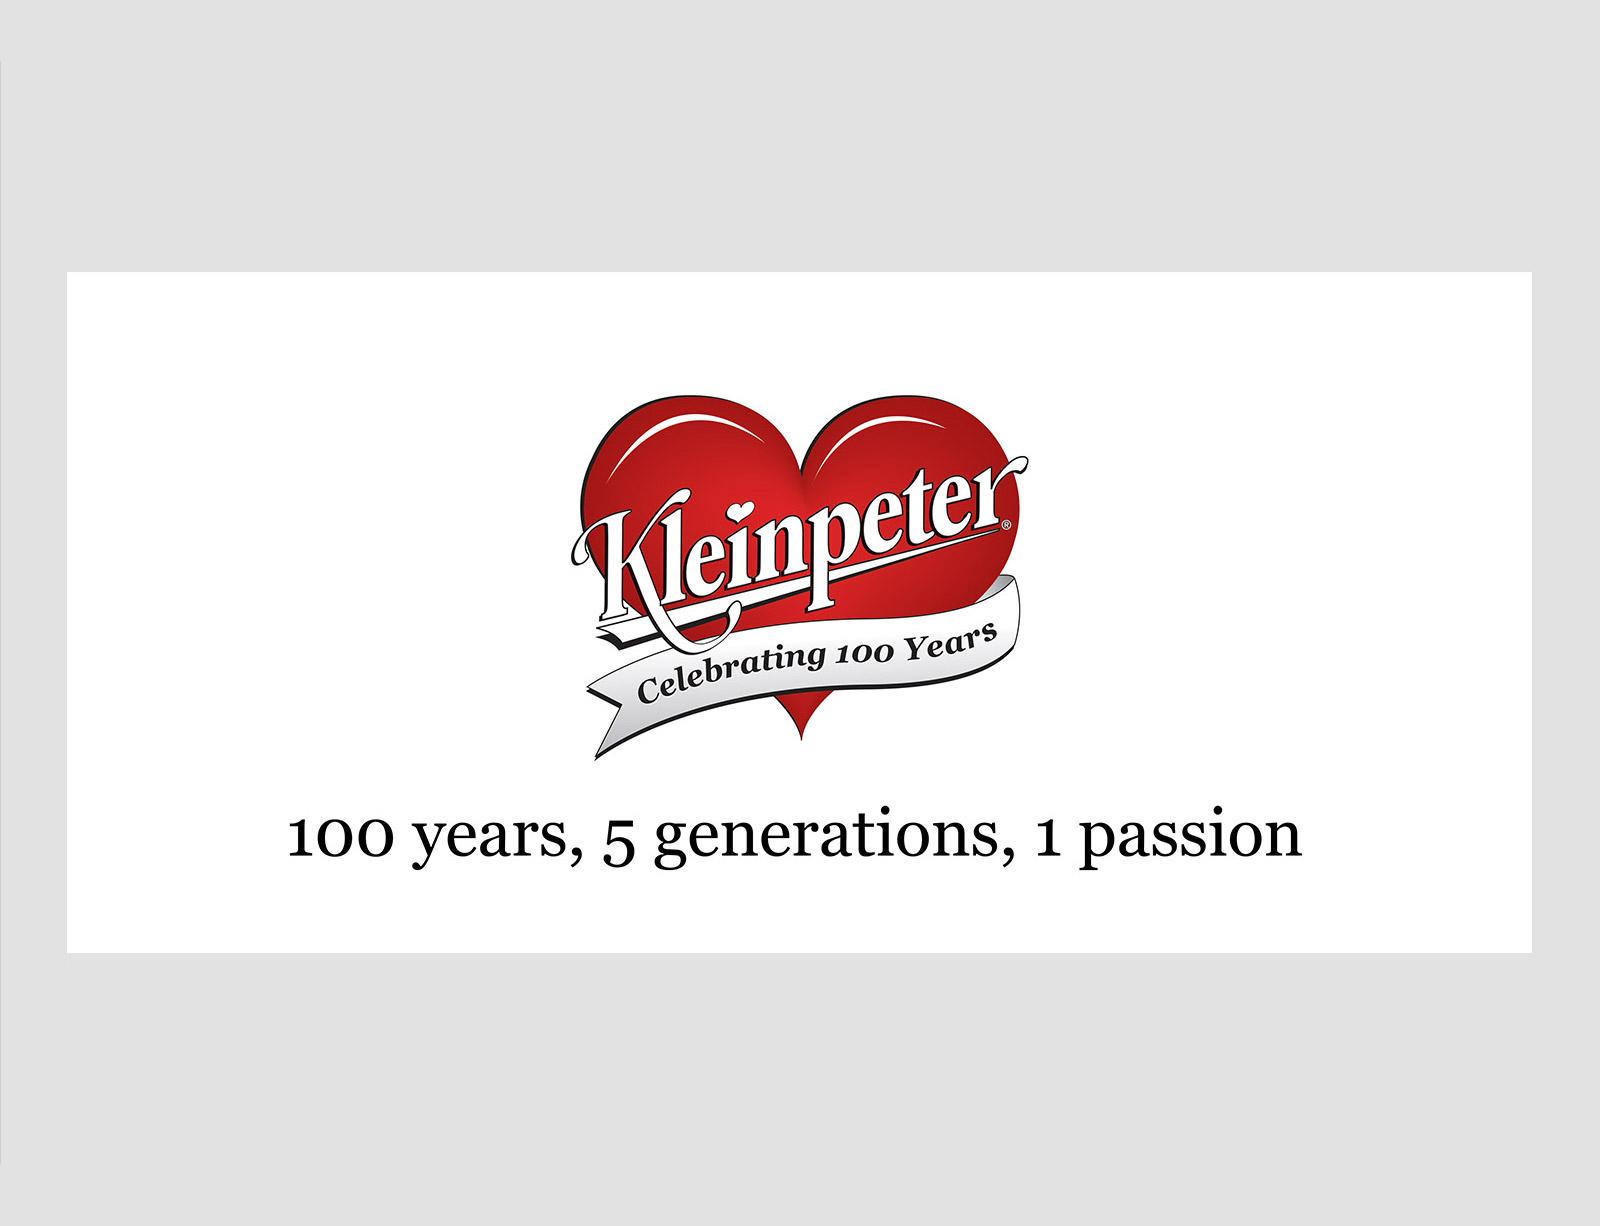 OUTDOOR_Kleinpeter-100th-Anniversary.jpg